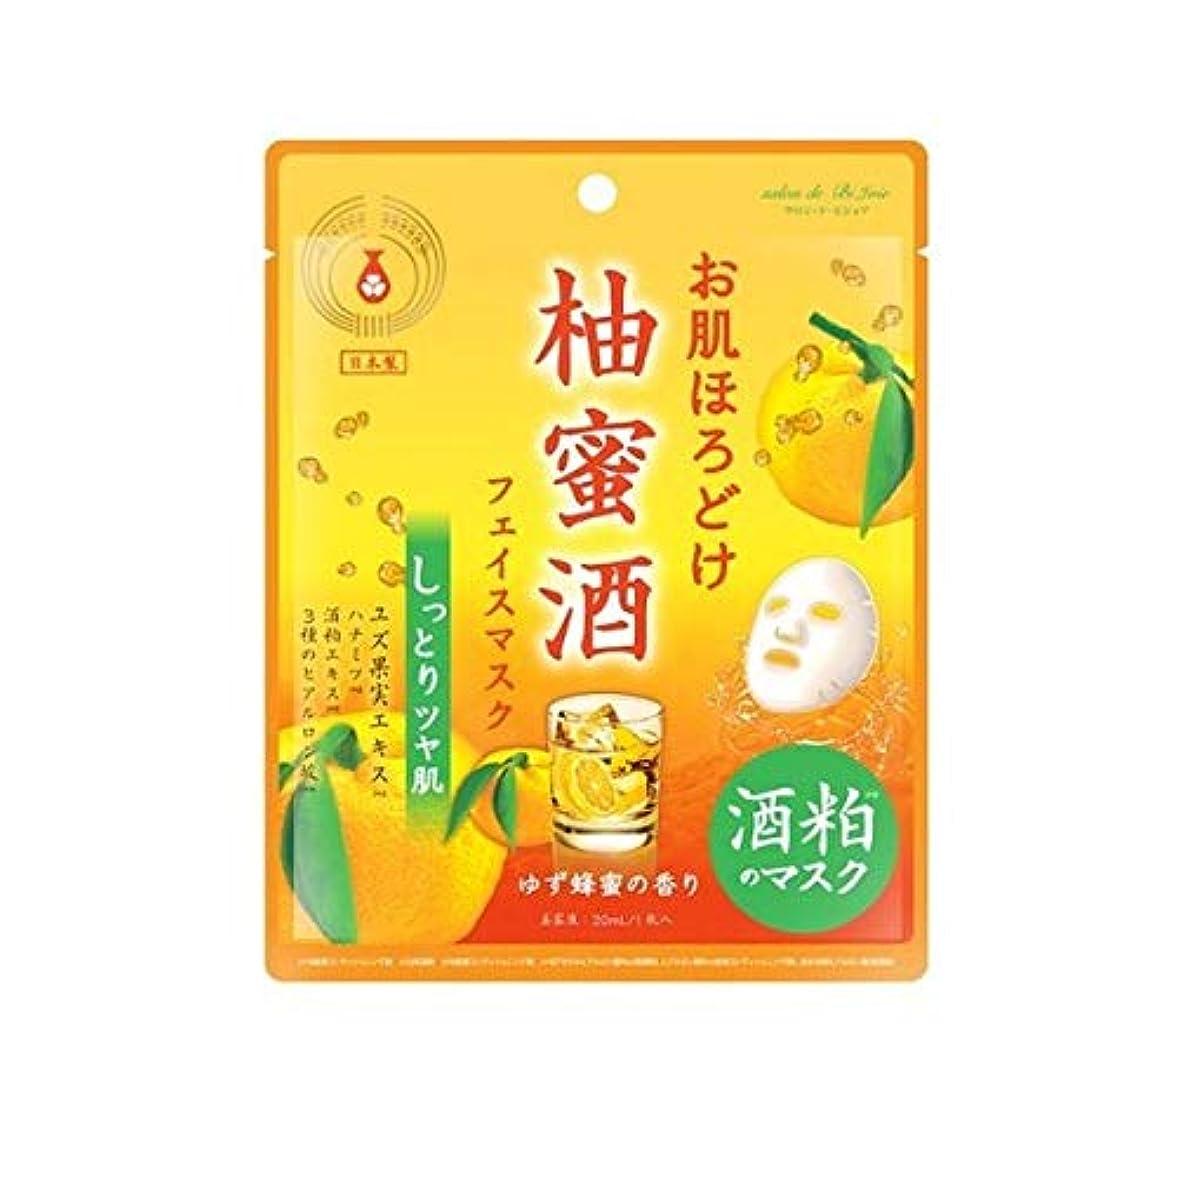 利益レポートを書くいたずらなBJお肌ほろどけフェイスマスク 柚蜜酒 HDM202 日本製 ゆず蜂蜜の香り 美容 ビューティー グッズ フェイス パック マスク しっとり ツヤ 肌 素肌 美人 保湿